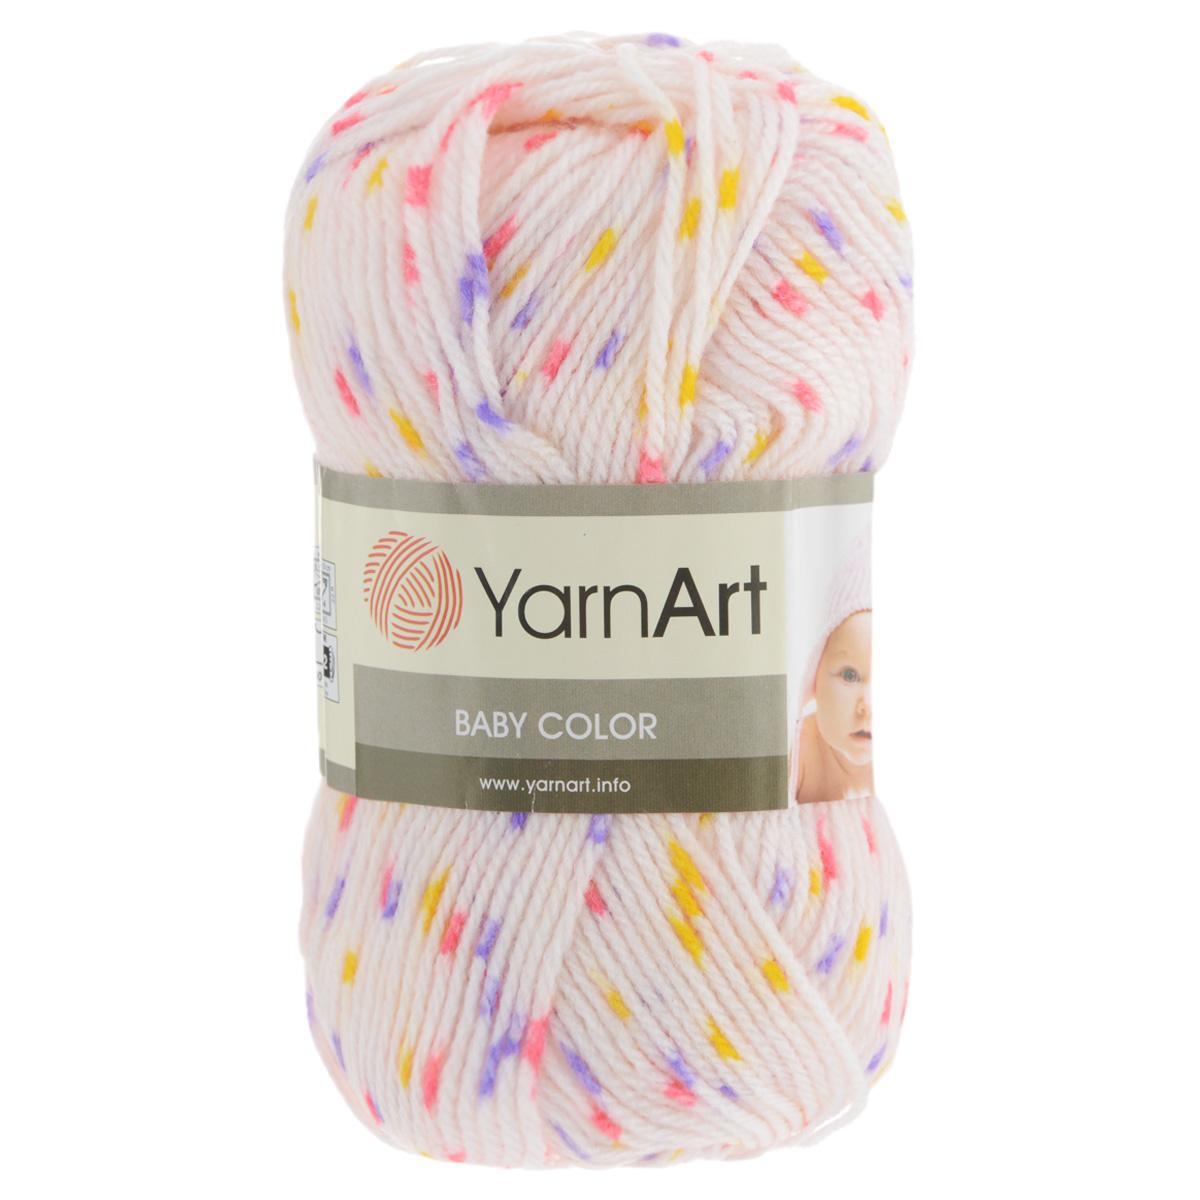 Пряжа для вязания YarnArt Baby Сolor, цвет: молочный, розовый, сиреневый (5127), 150 м, 50 г, 5 шт372024_5127Пряжа YarnArt Baby Сolor - это акриловая пряжа для ручного вязания детских вещей. Нить очень мягкая, приятная на ощупь, слегка шелковистая. Изделия из нее получаются теплыми и нежными. Пряжа не вызывает аллергии. Рекомендованные спицы и крючок для вязания 3,5 мм. Состав: 100% акрил.